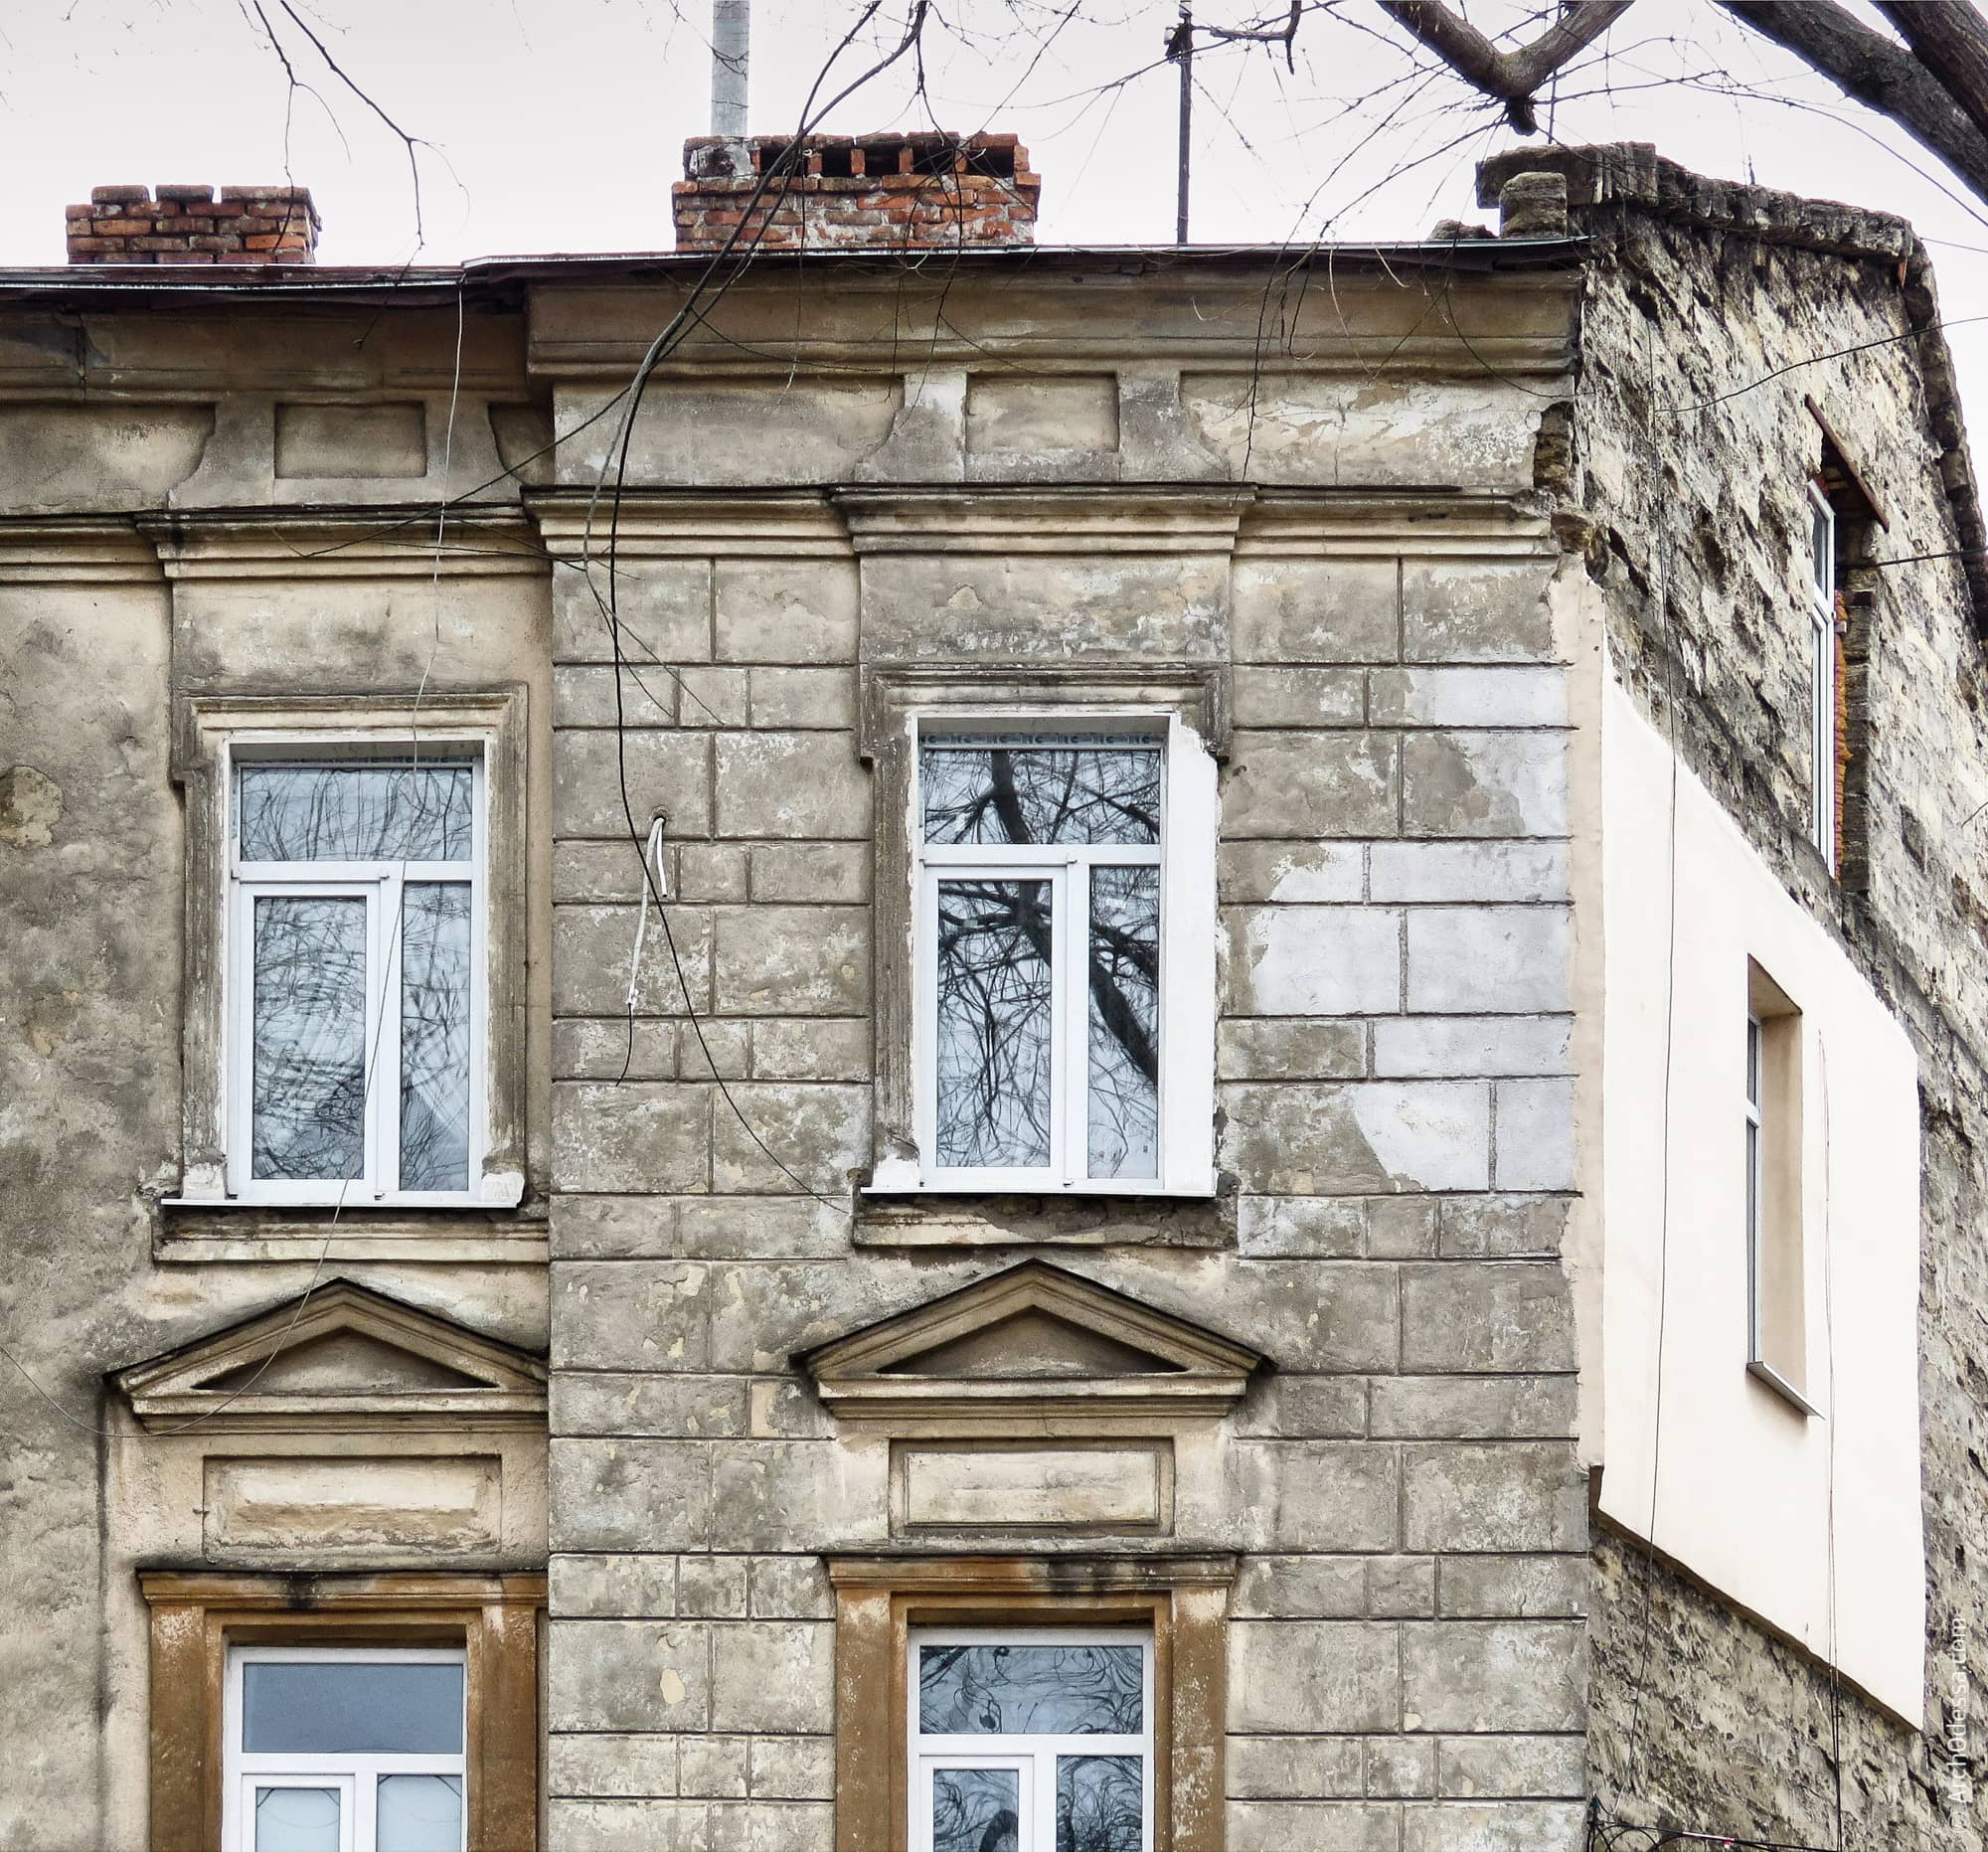 Окна крайних осей